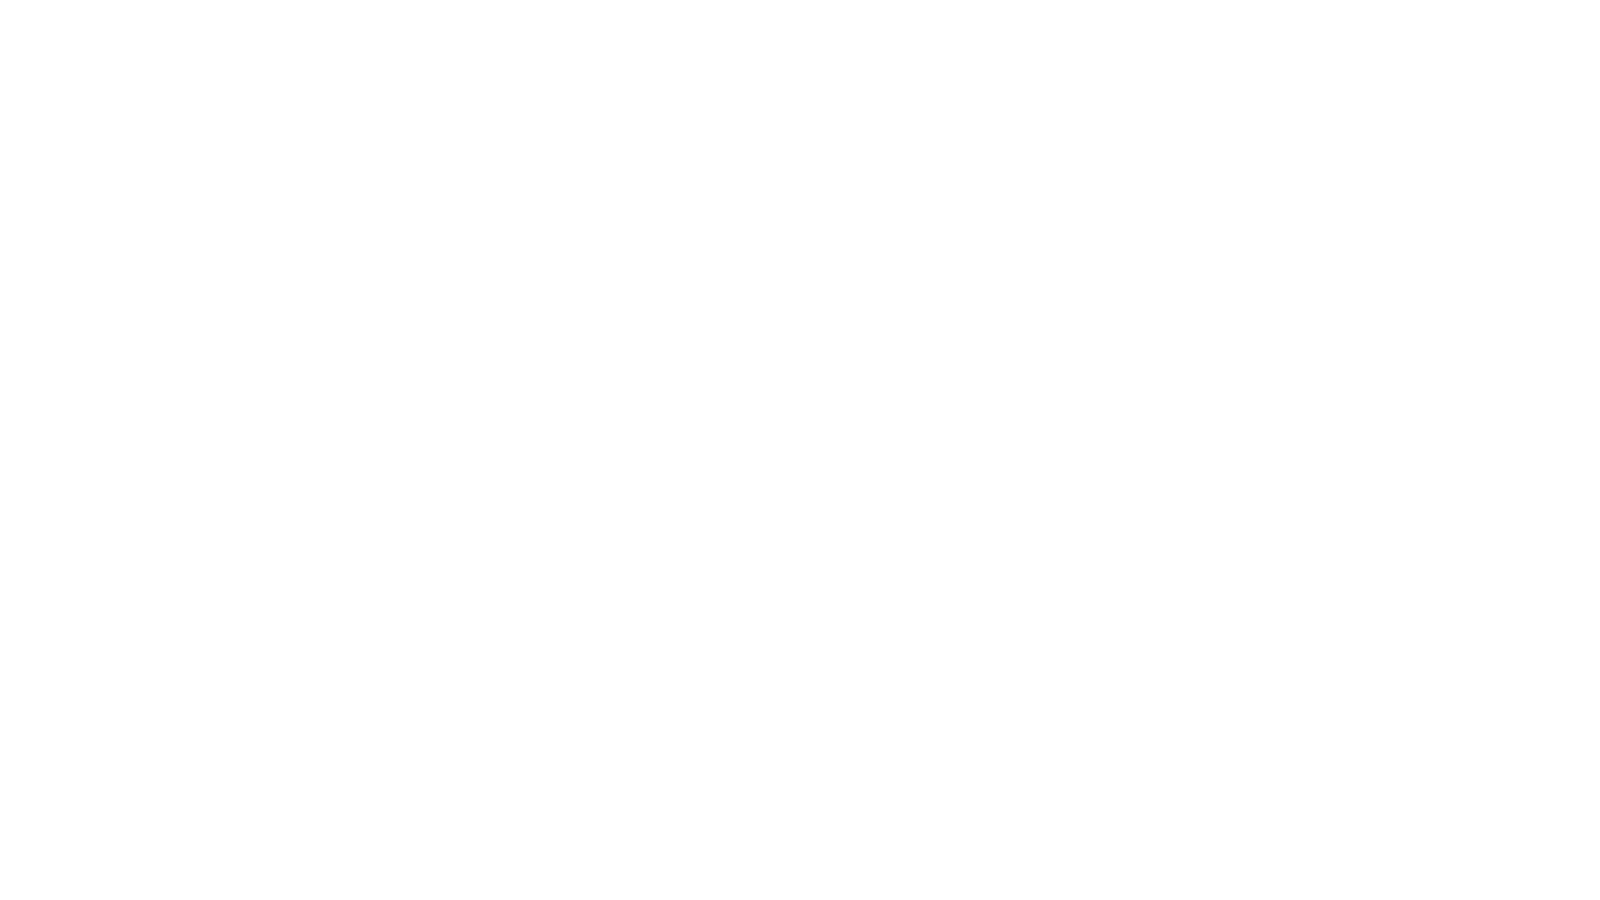 """En el episodio nº27 del podcast de videojuegos """"El Séptimo Cielo"""" hago un análisis de Catherine Full Body un juego muy especial por si mismo ya que no hay nada que replique todo lo que hace este videojuego, no solo es esa su parte fuerte si no que hablamos de un gran juego de puzles y narrativo. Además tras la reciente polémica de Sony PlayStation con Horizon 2: Forbidden West, comento como este movimiento es un desprecio al formato físico y tanto Sony como Microsoft están haciendo todo lo posible para que desaparezca.  Nuestra web: https://elseptimocielopodcast.es/  Suscríbete para más: https://bit.ly/3uMhCC7  El Séptimo Cielo en:  🔊 SPOTIFY: https://spoti.fi/3lwhuTZ 🔊 Apple Podcast: https://apple.co/3rYw9d9 🔊 Ivoox: https://bit.ly/3vBX54t 🔊 Google Podcast: https://cutt.ly/rz6EXIH  TWITTER:  https://twitter.com/SeptimoCieloPod https://twitter.com/xavii_xv https://twitter.com/Wensfilm  INSTAGRAM: https://www.instagram.com/elseptimocielo.podcast  FACEBOOK:  https://www.facebook.com/ElSeptimoCieloPodcast"""